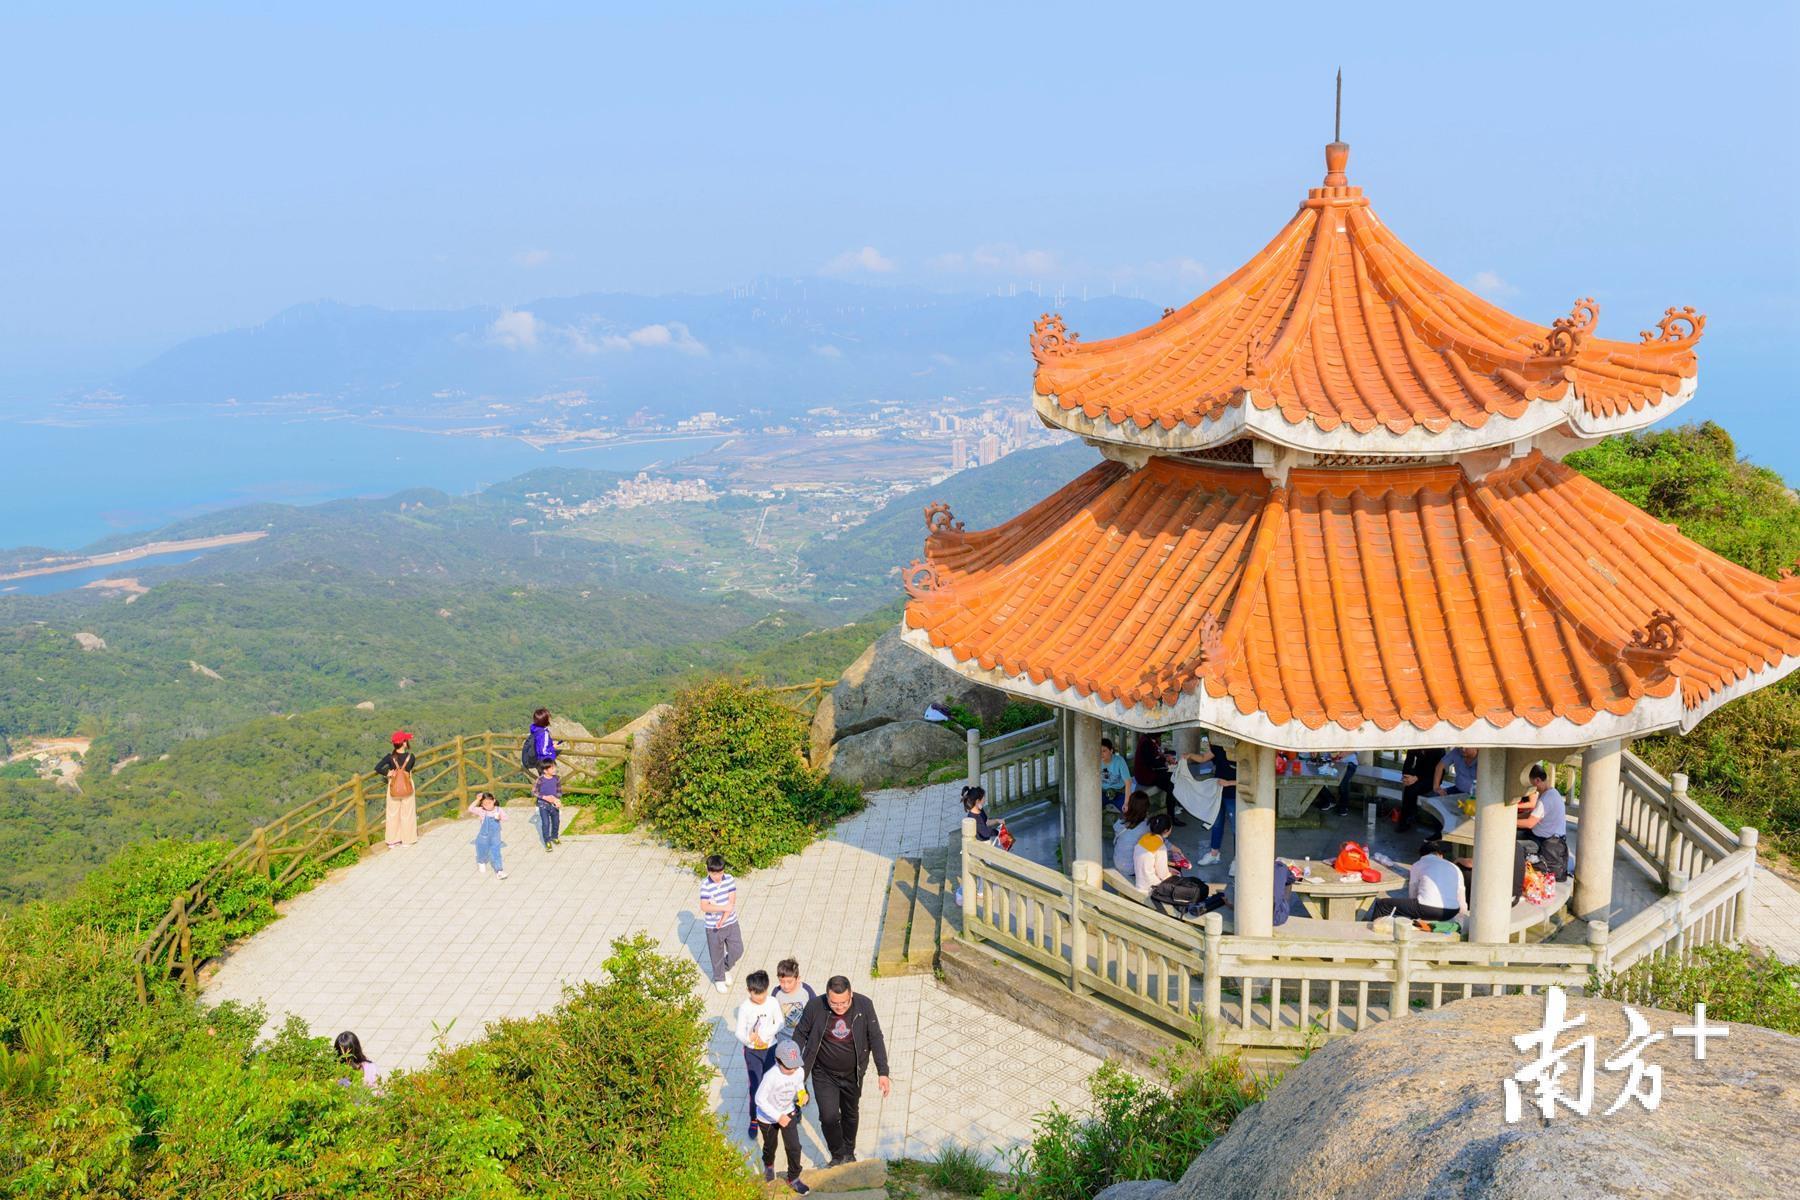 对于游客来说,几个月的居家让人们对大自然更加向往。